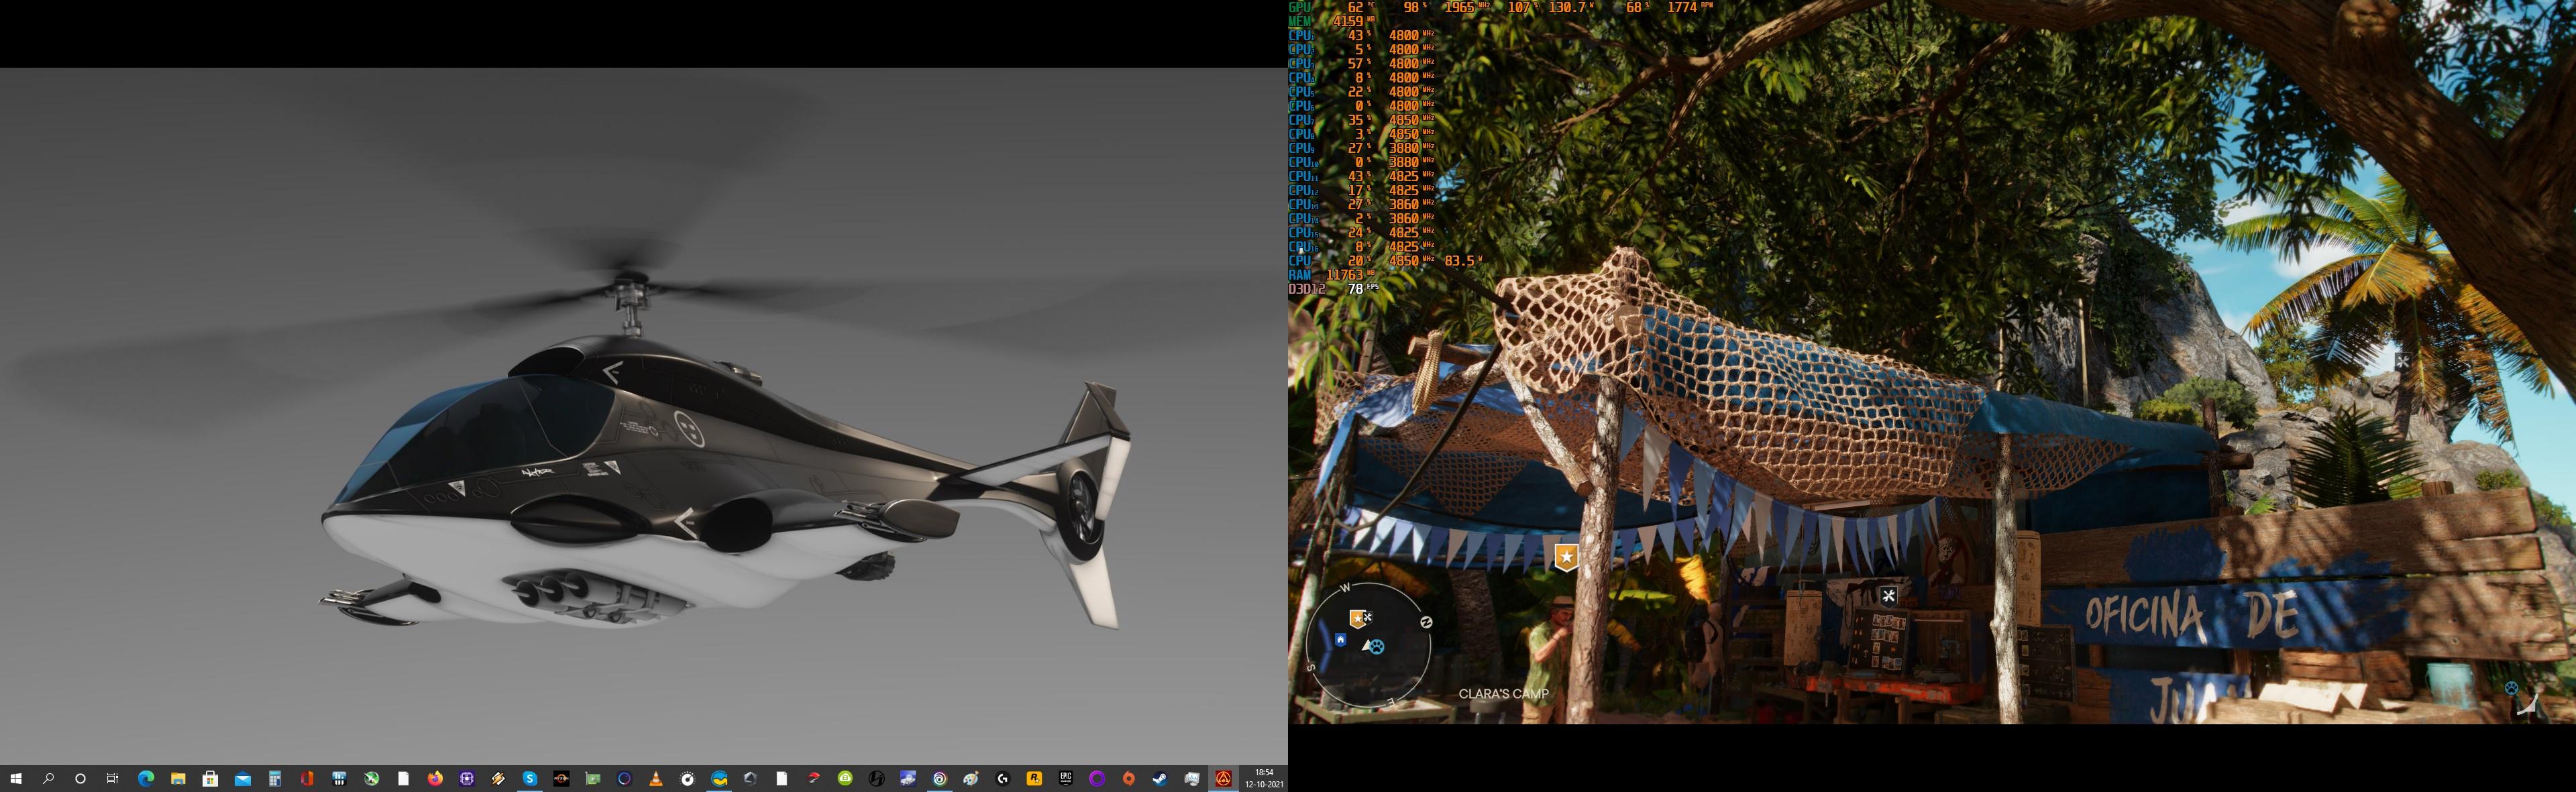 Far Cry 6 overlay.jpg